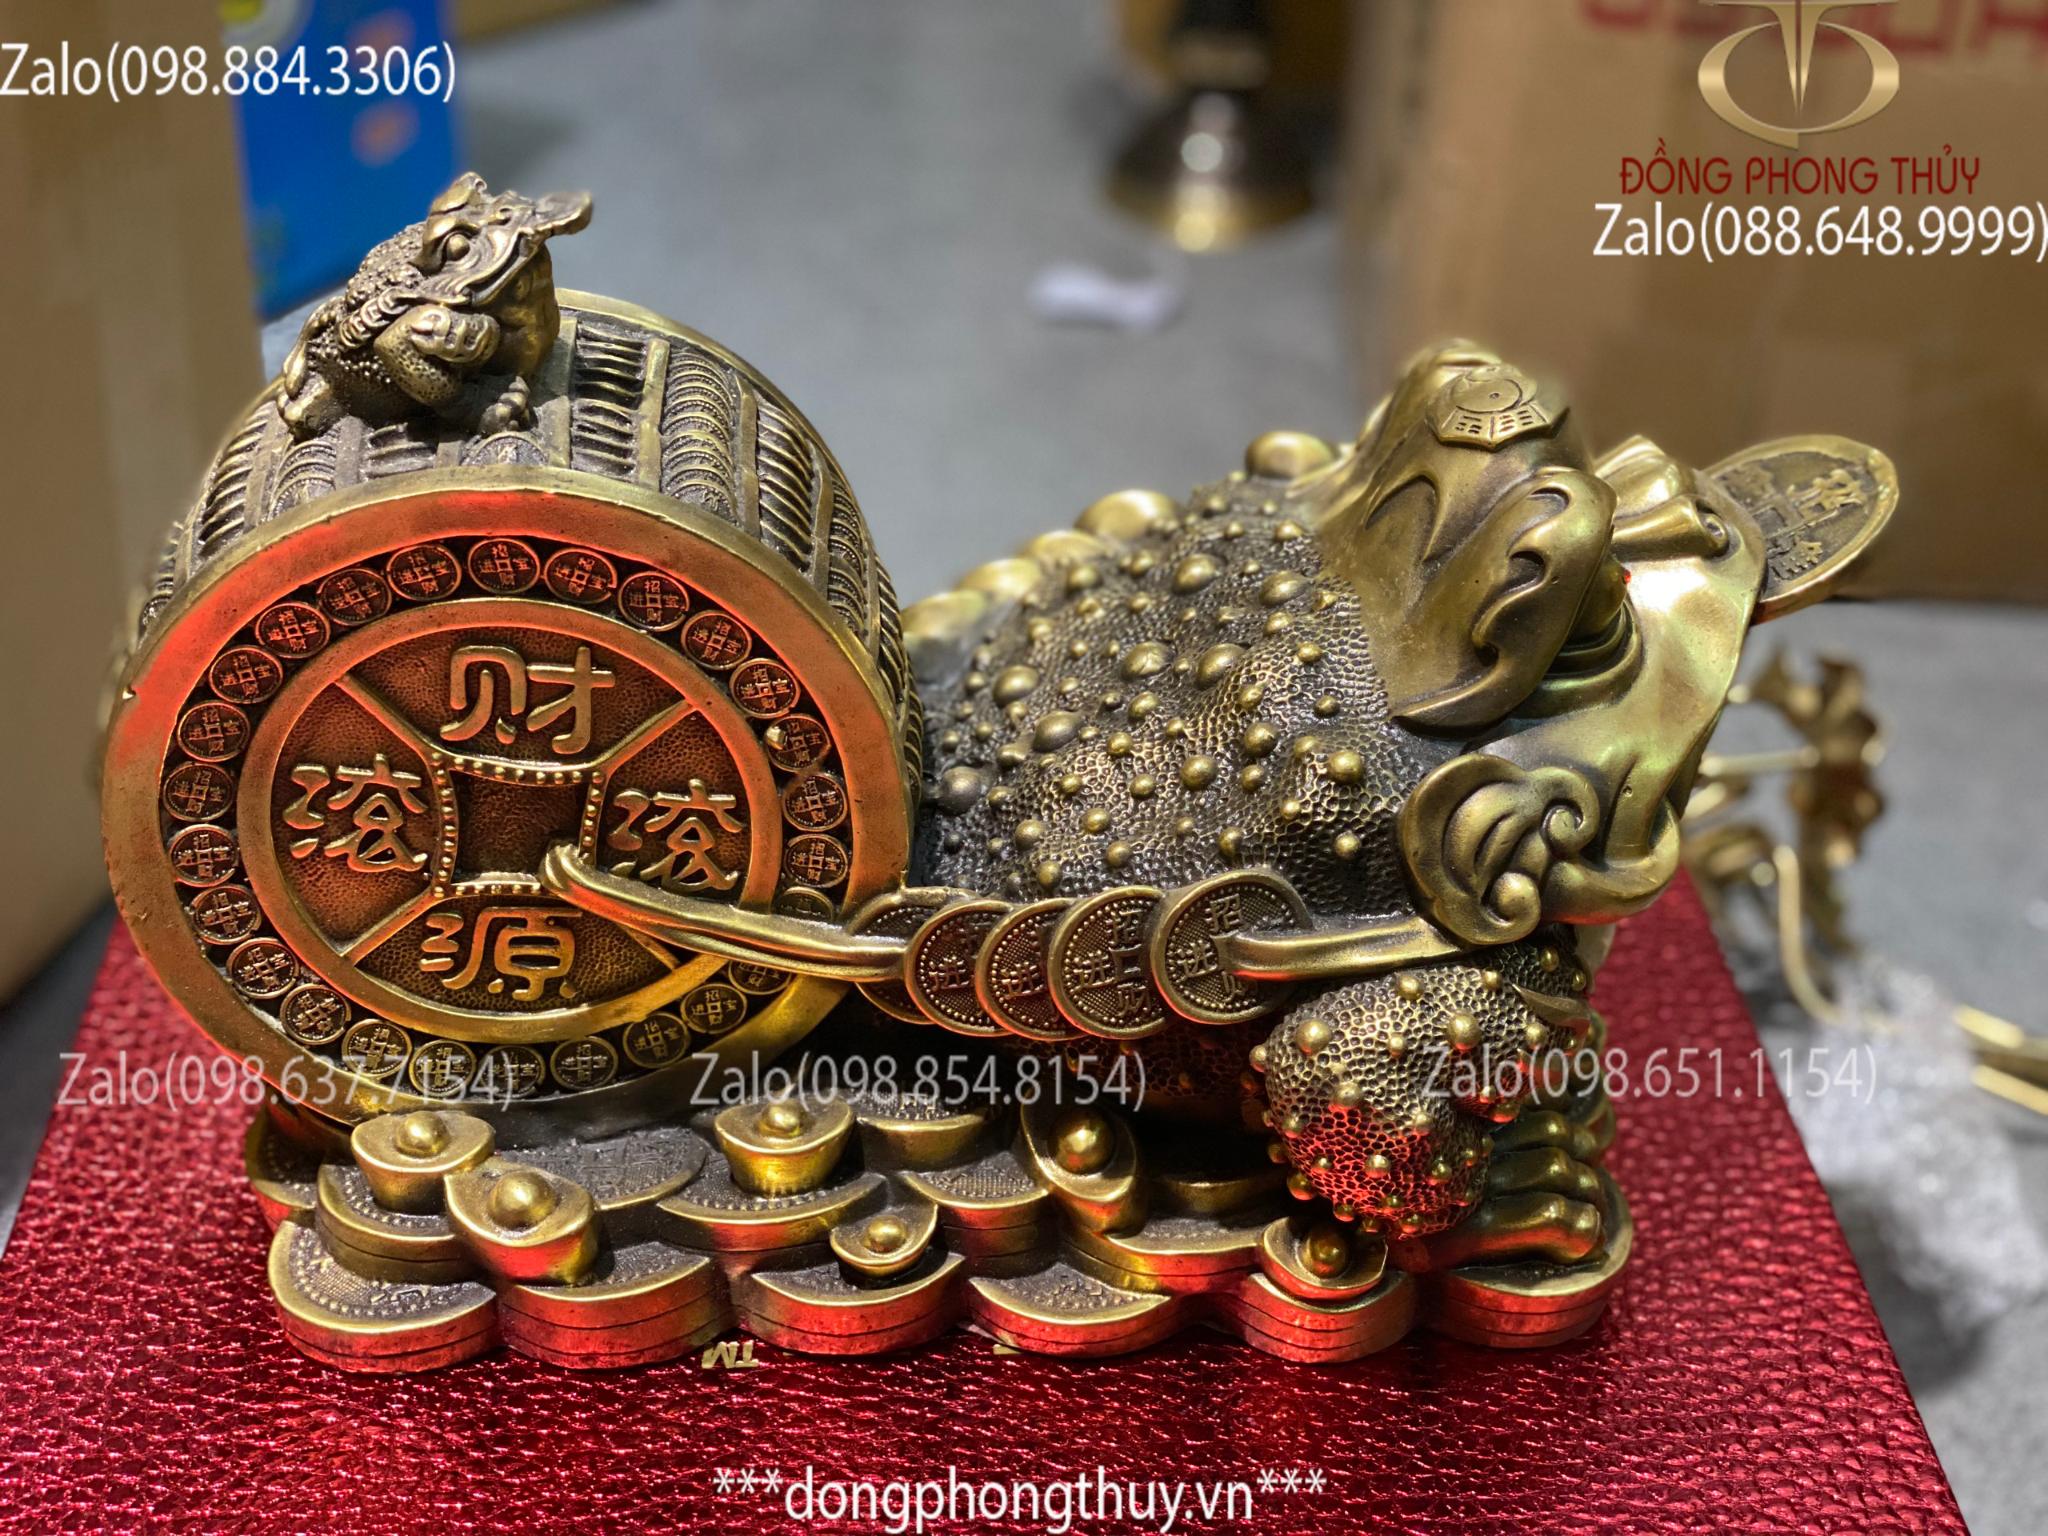 Tượng thiềm thừ bằng đồng, cóc ngậm tiền bằng đồng kéo xe dài 36 cao 22 ngang 19 nặng 4,7kg